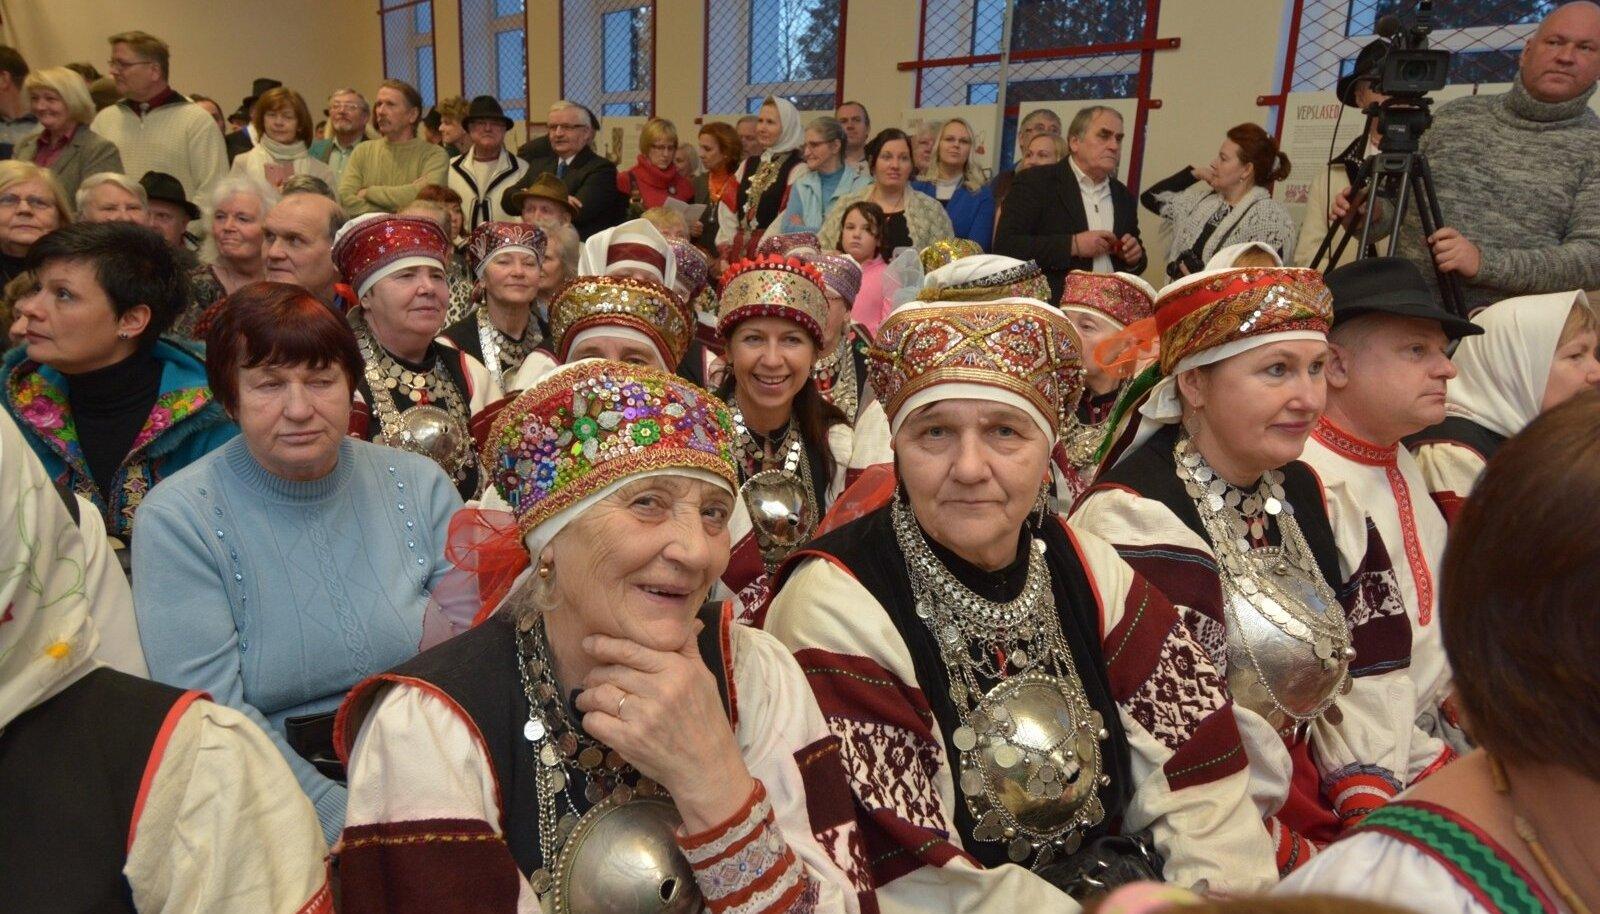 Soome-ugri kultuuripealinn Obinitsas